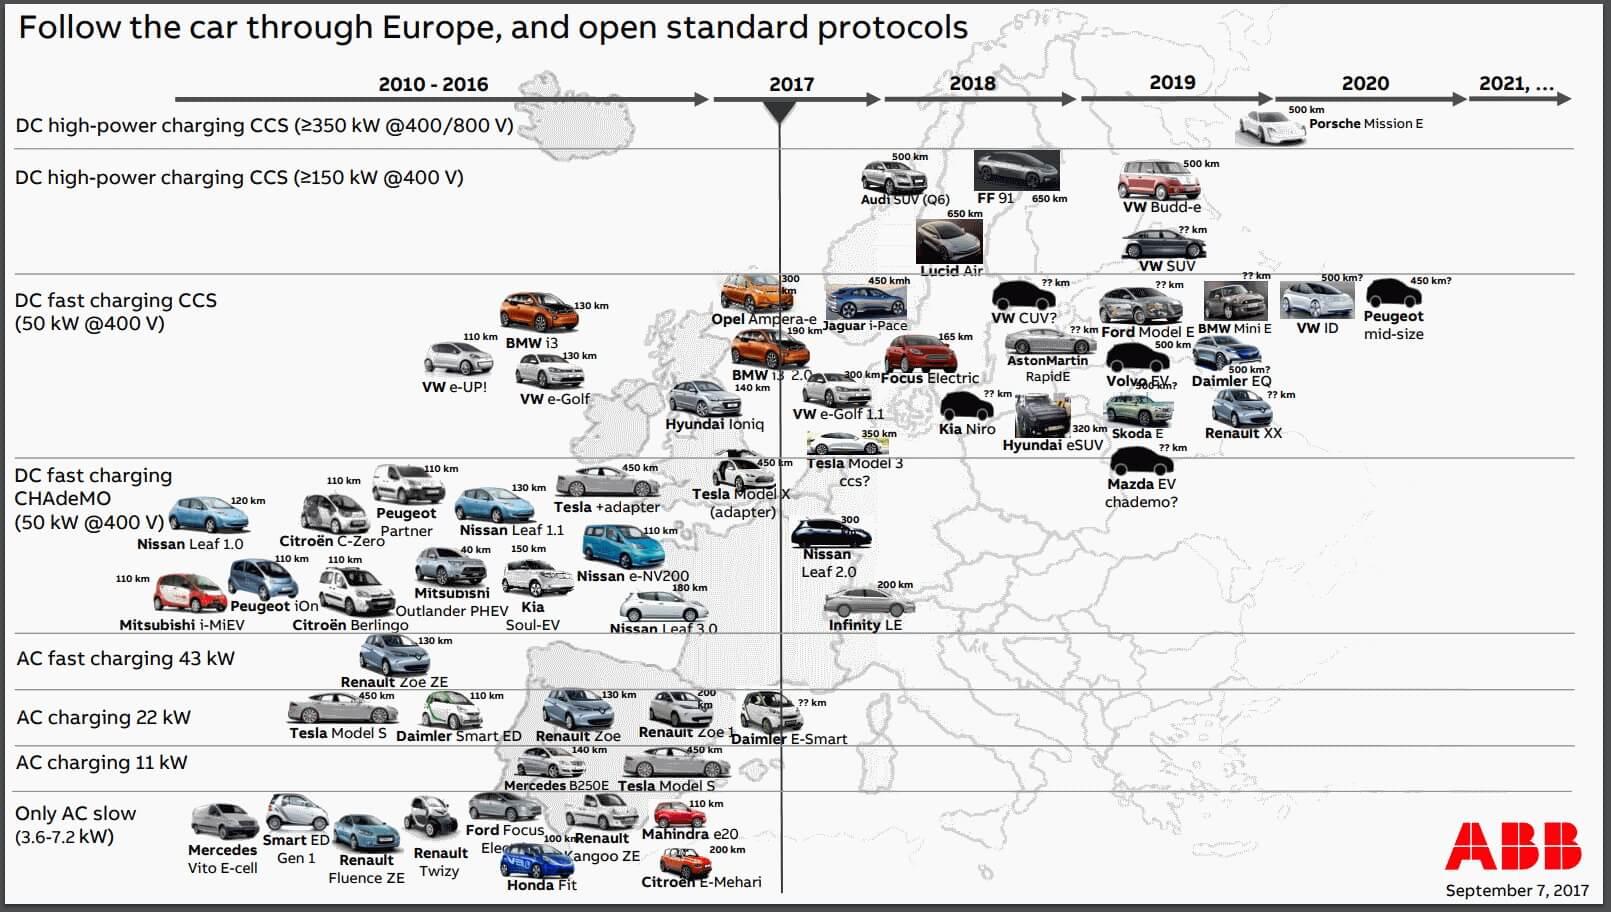 Дорожная карта стандартов зарядки электромобилей